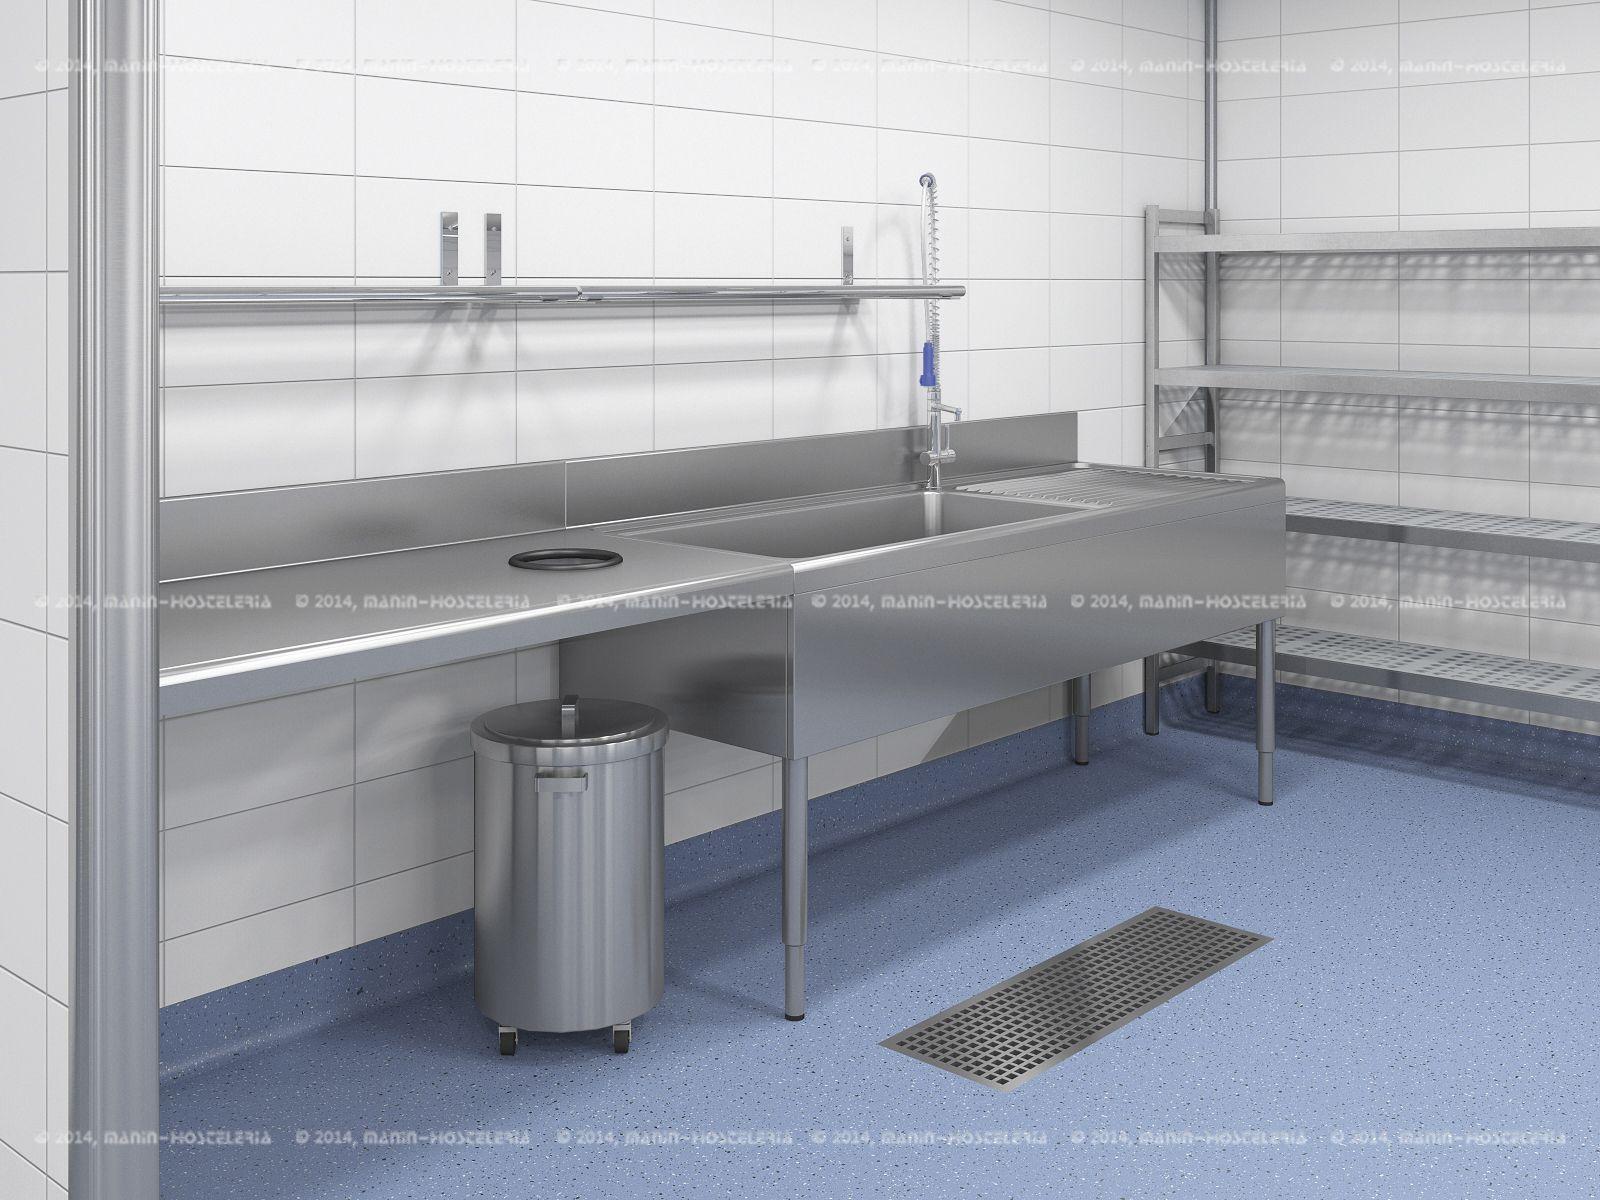 Dise o de cocina industrial en 3d y cad con rea for Cocinas industriale